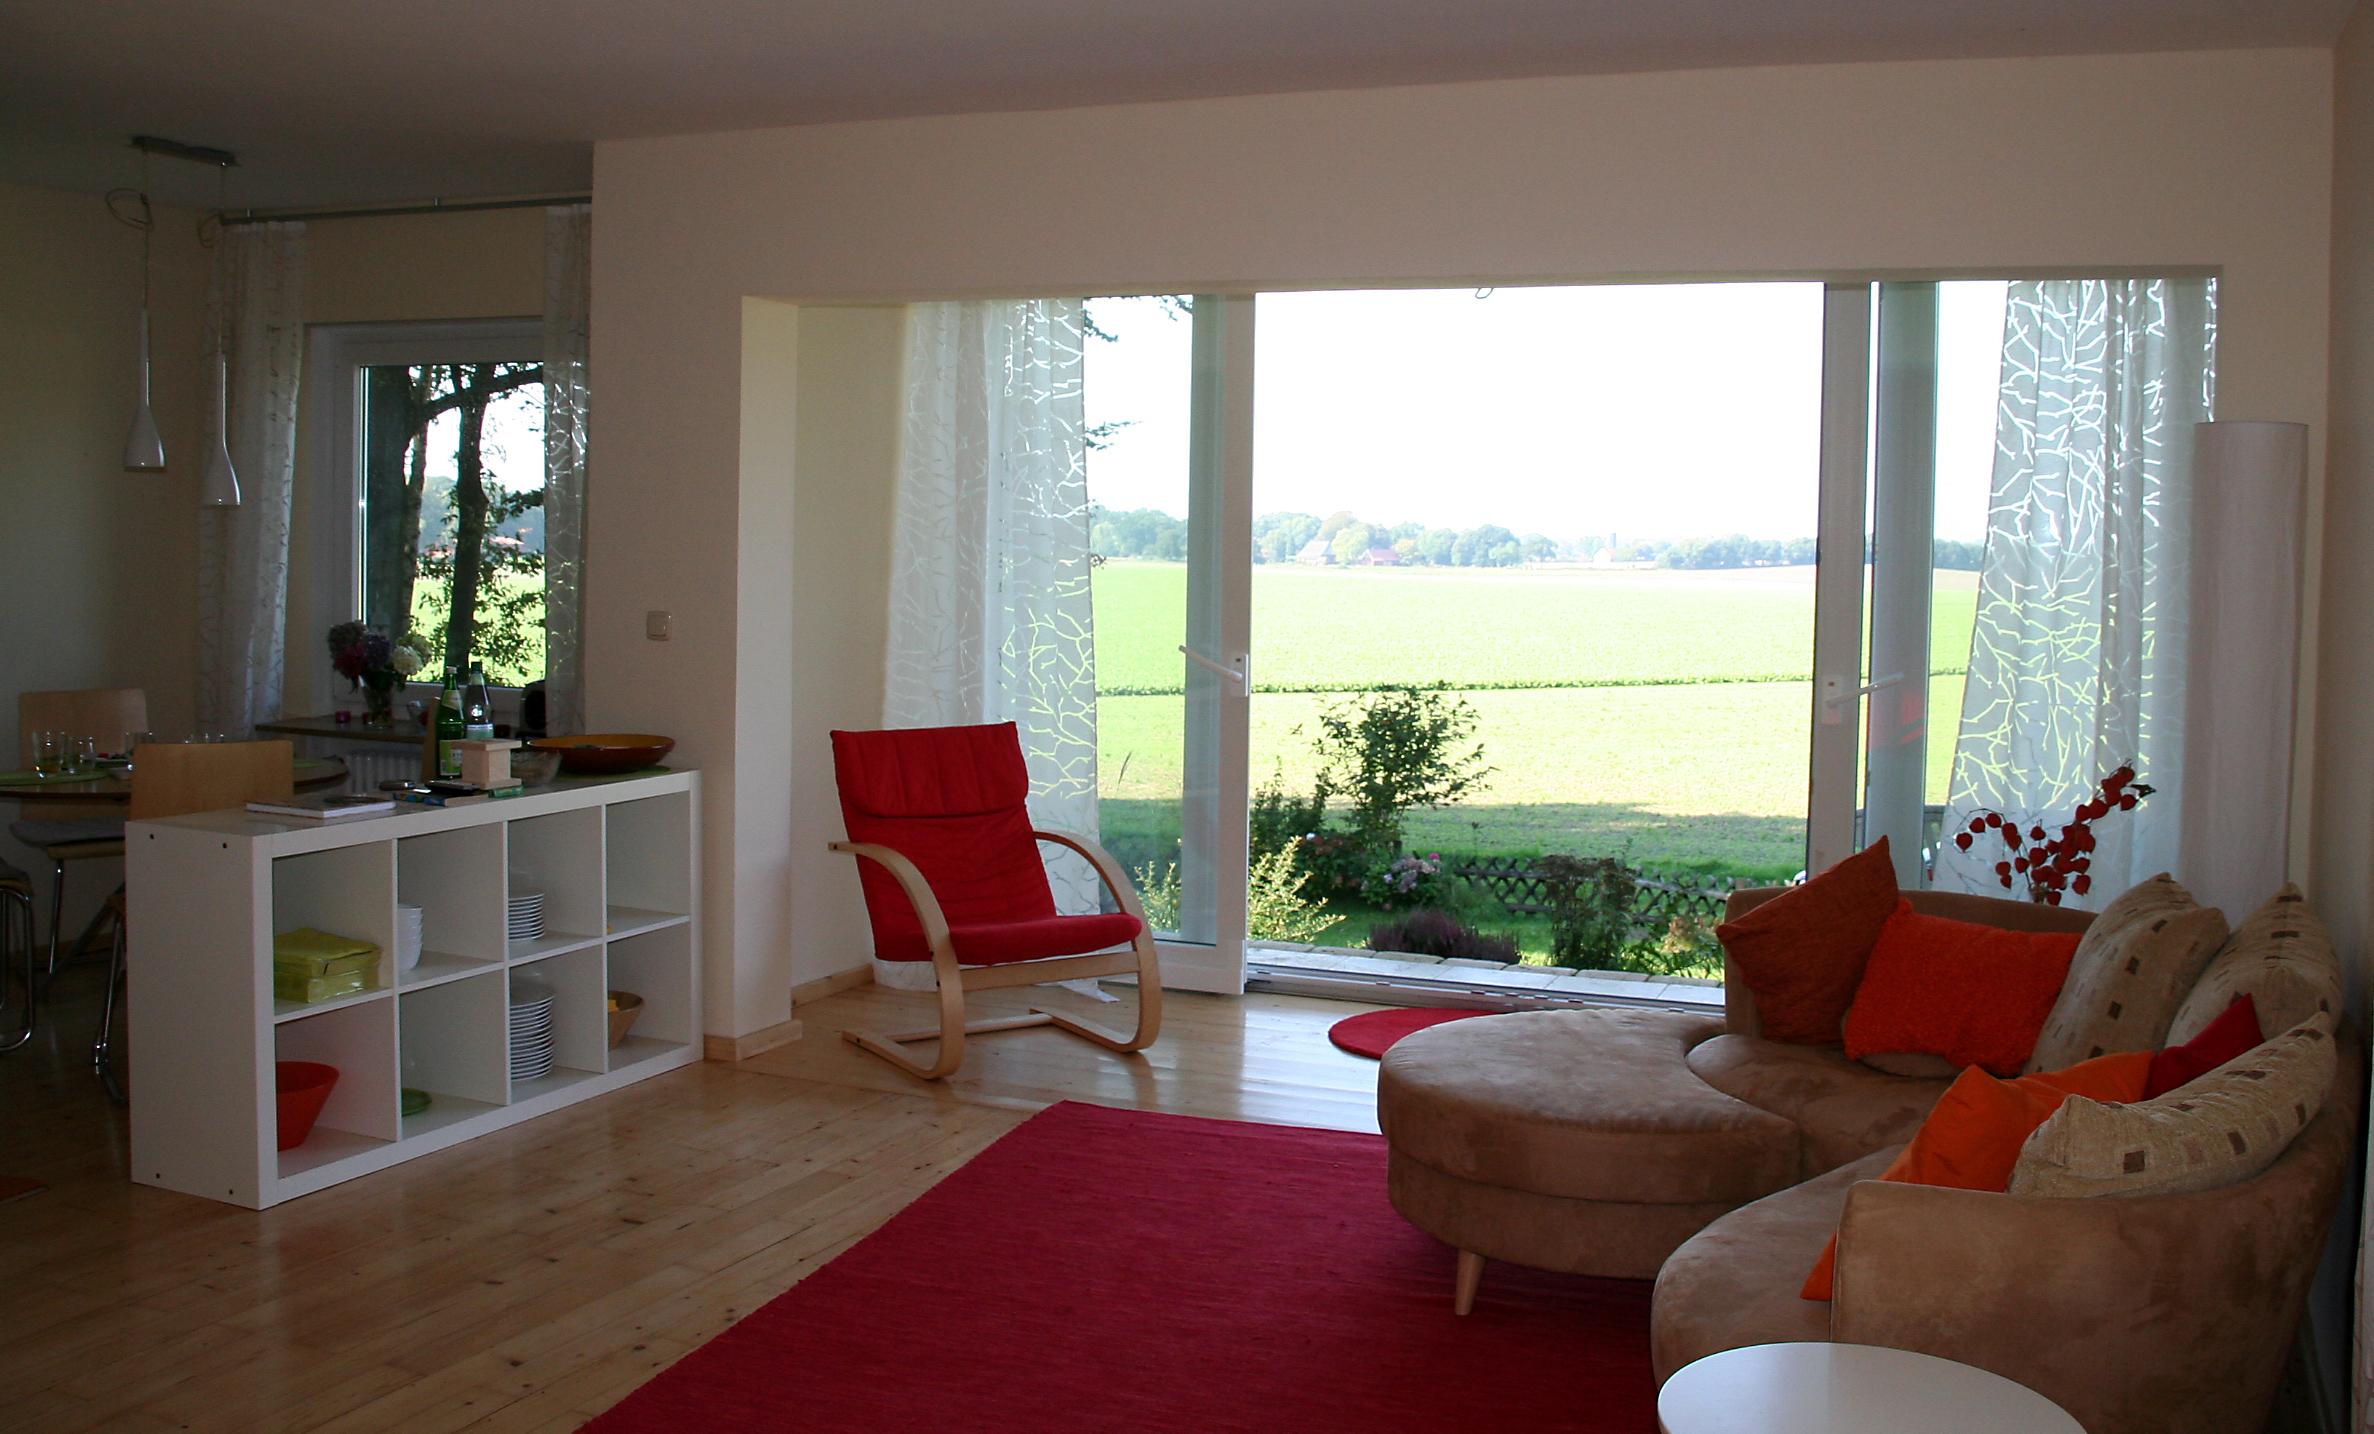 das ferienhaus herzlich willkommen. Black Bedroom Furniture Sets. Home Design Ideas